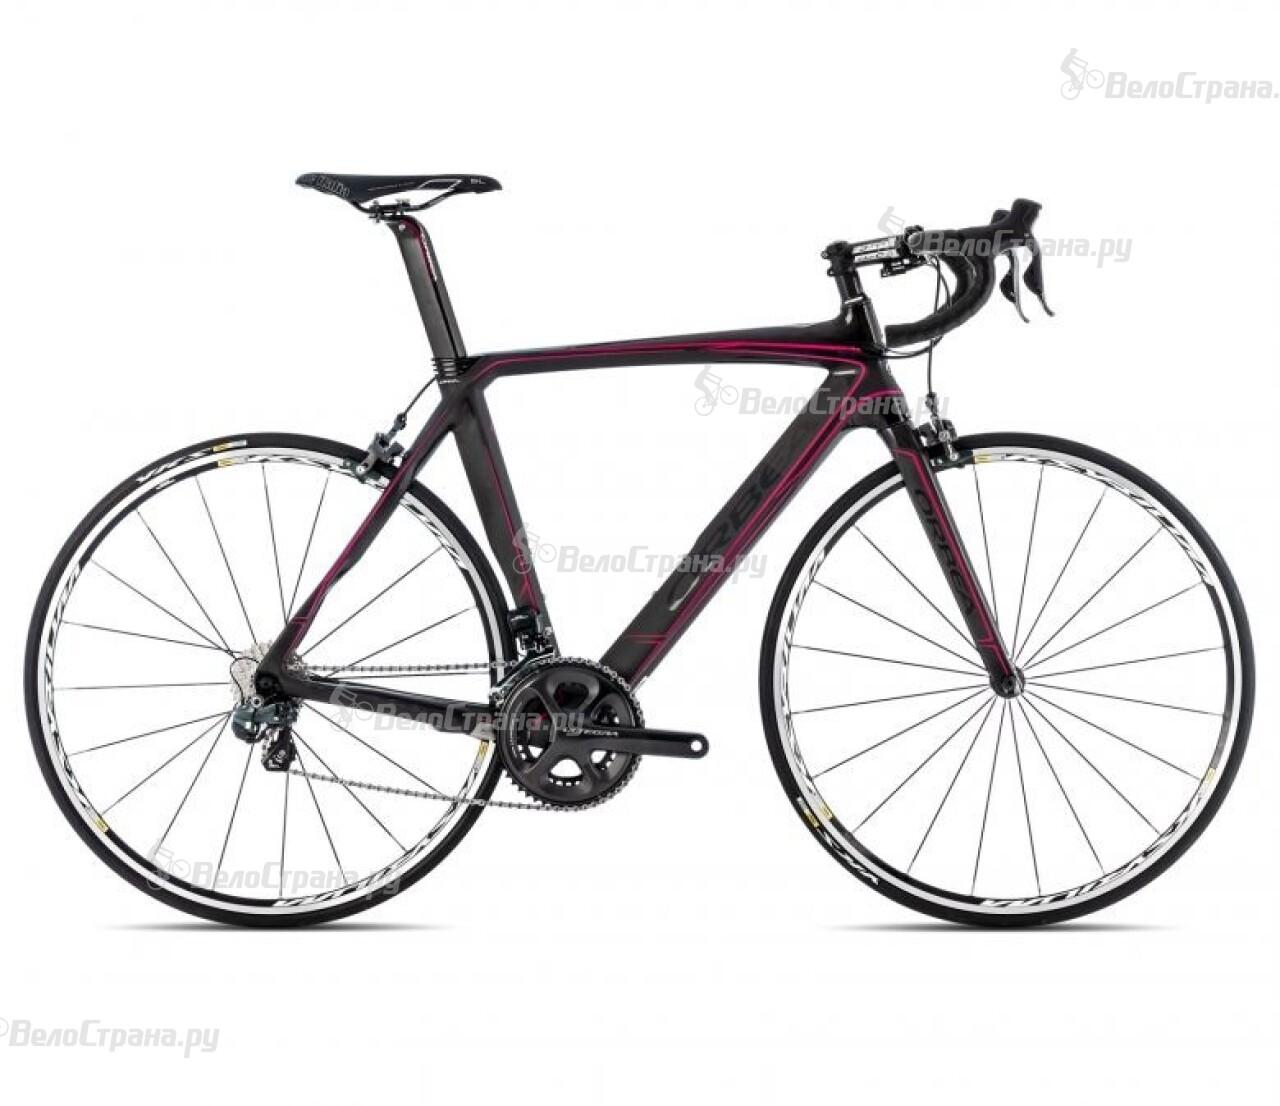 Велосипед Orbea Orca M30 (2014) велосипед orbea orca dama gth 2013